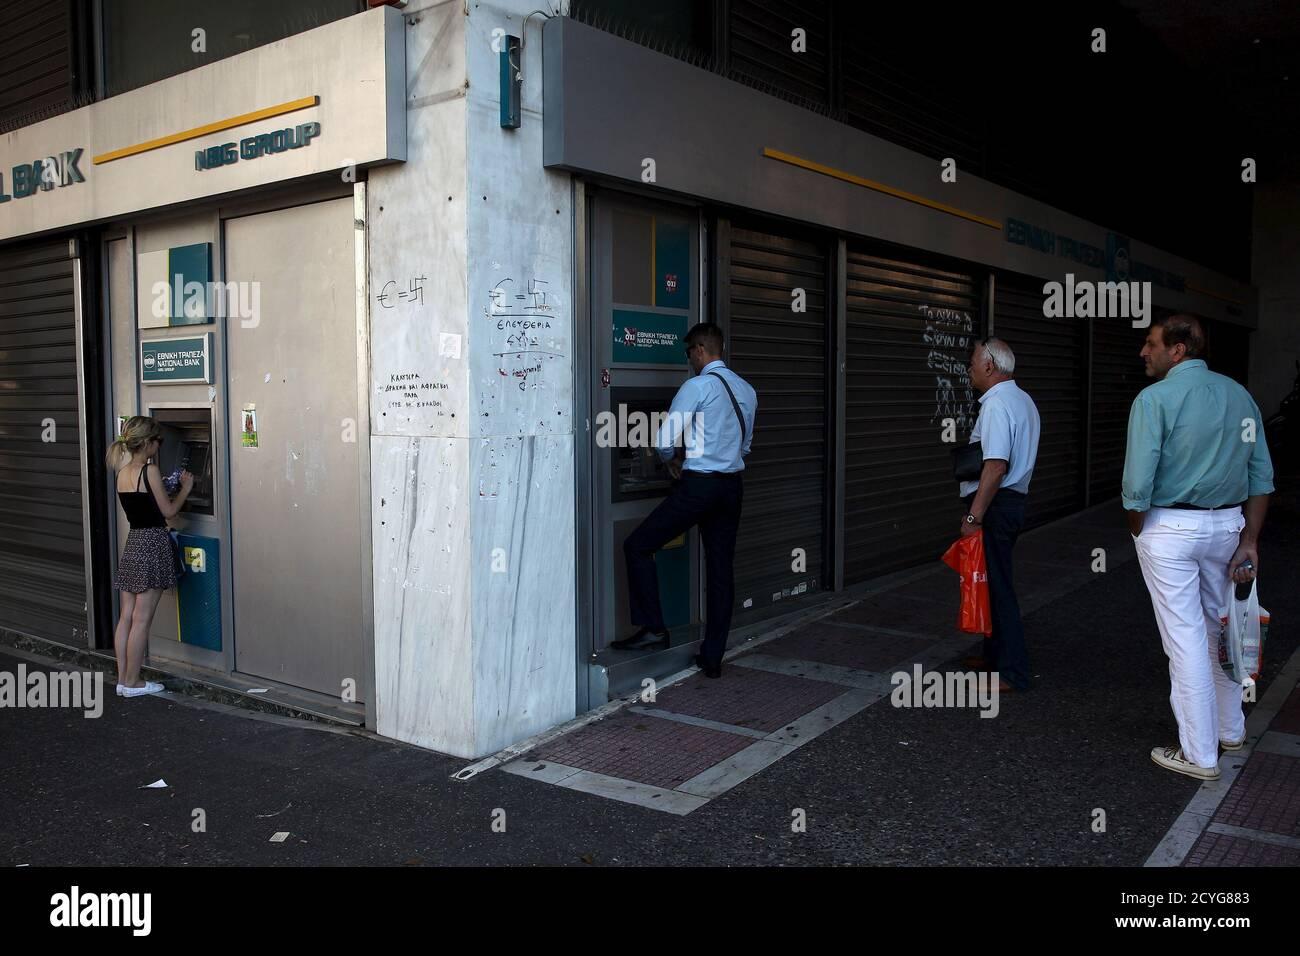 Les gens font la queue pour retirer de l'argent d'un guichet automatique (ATM) à l'extérieur d'une succursale de la Banque nationale à Athènes, Grèce le 17 juillet 2015. Un haut fonctionnaire grec a confirmé jeudi que les banques rouvriraient lundi et a déclaré que le gouvernement cherchait à permettre aux gens de procéder à des retraits de 60 euros sur plusieurs jours. REUTERS/Yiannis Kourtoglou Banque D'Images